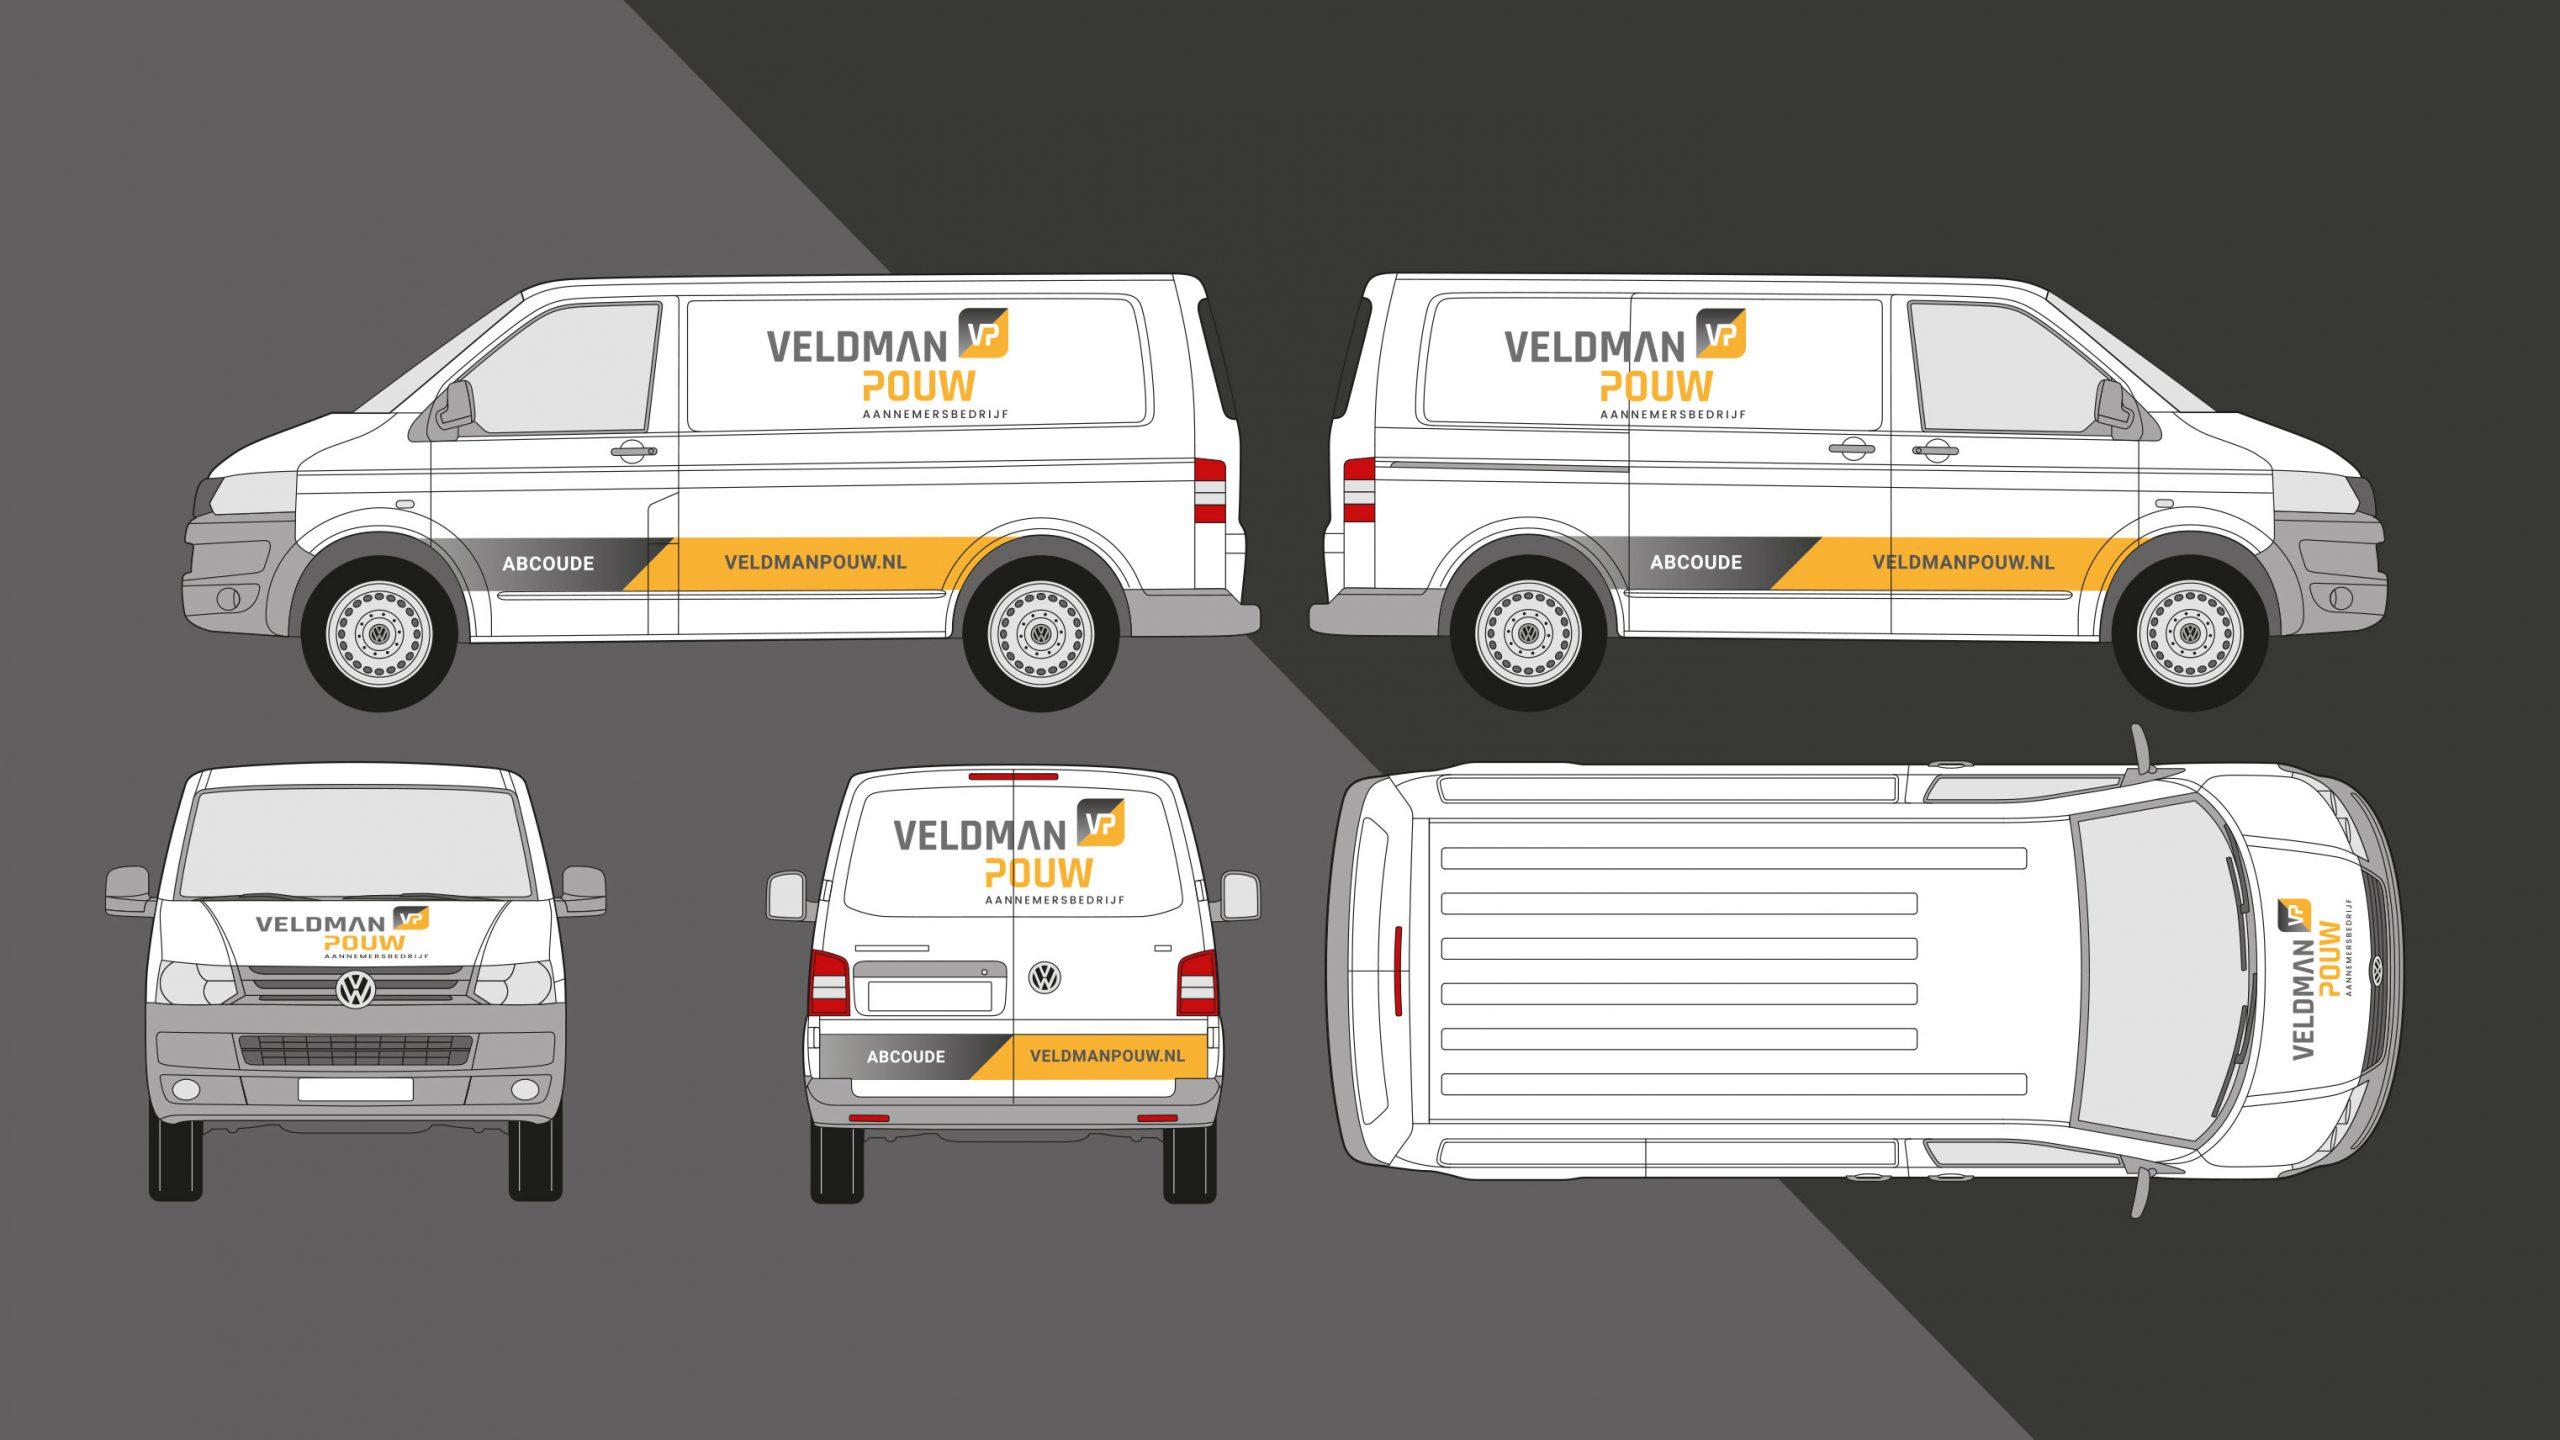 veldmanpouw-aannemer-auto